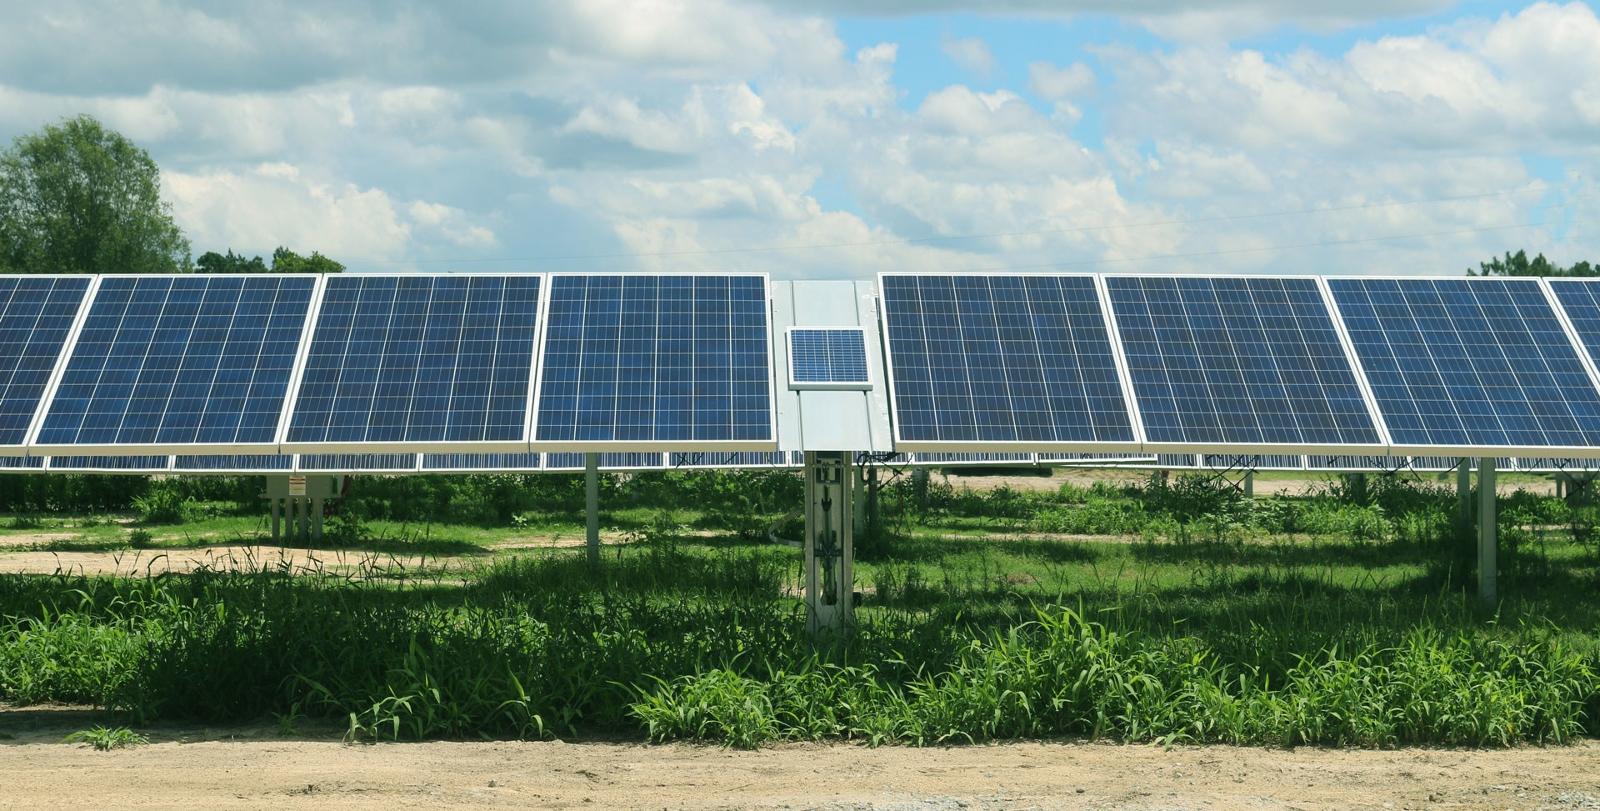 Gamechange Solar Sells More Than 1 Gigawatt Of Solar Power